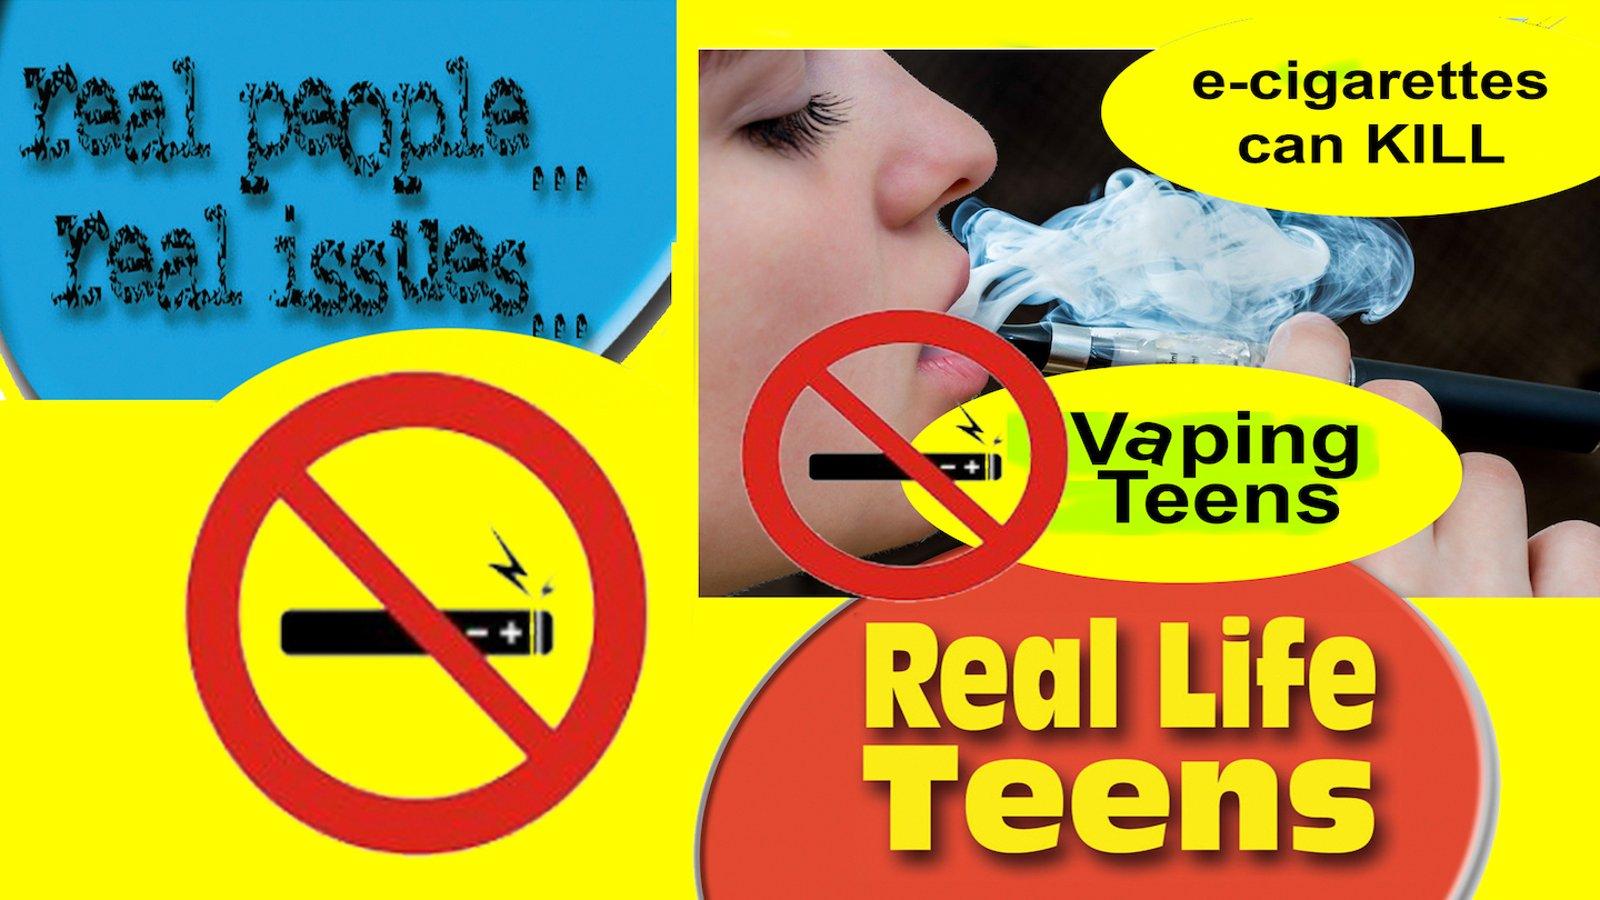 Blowing Smoke, Vaping Teens & Smoking Addiction